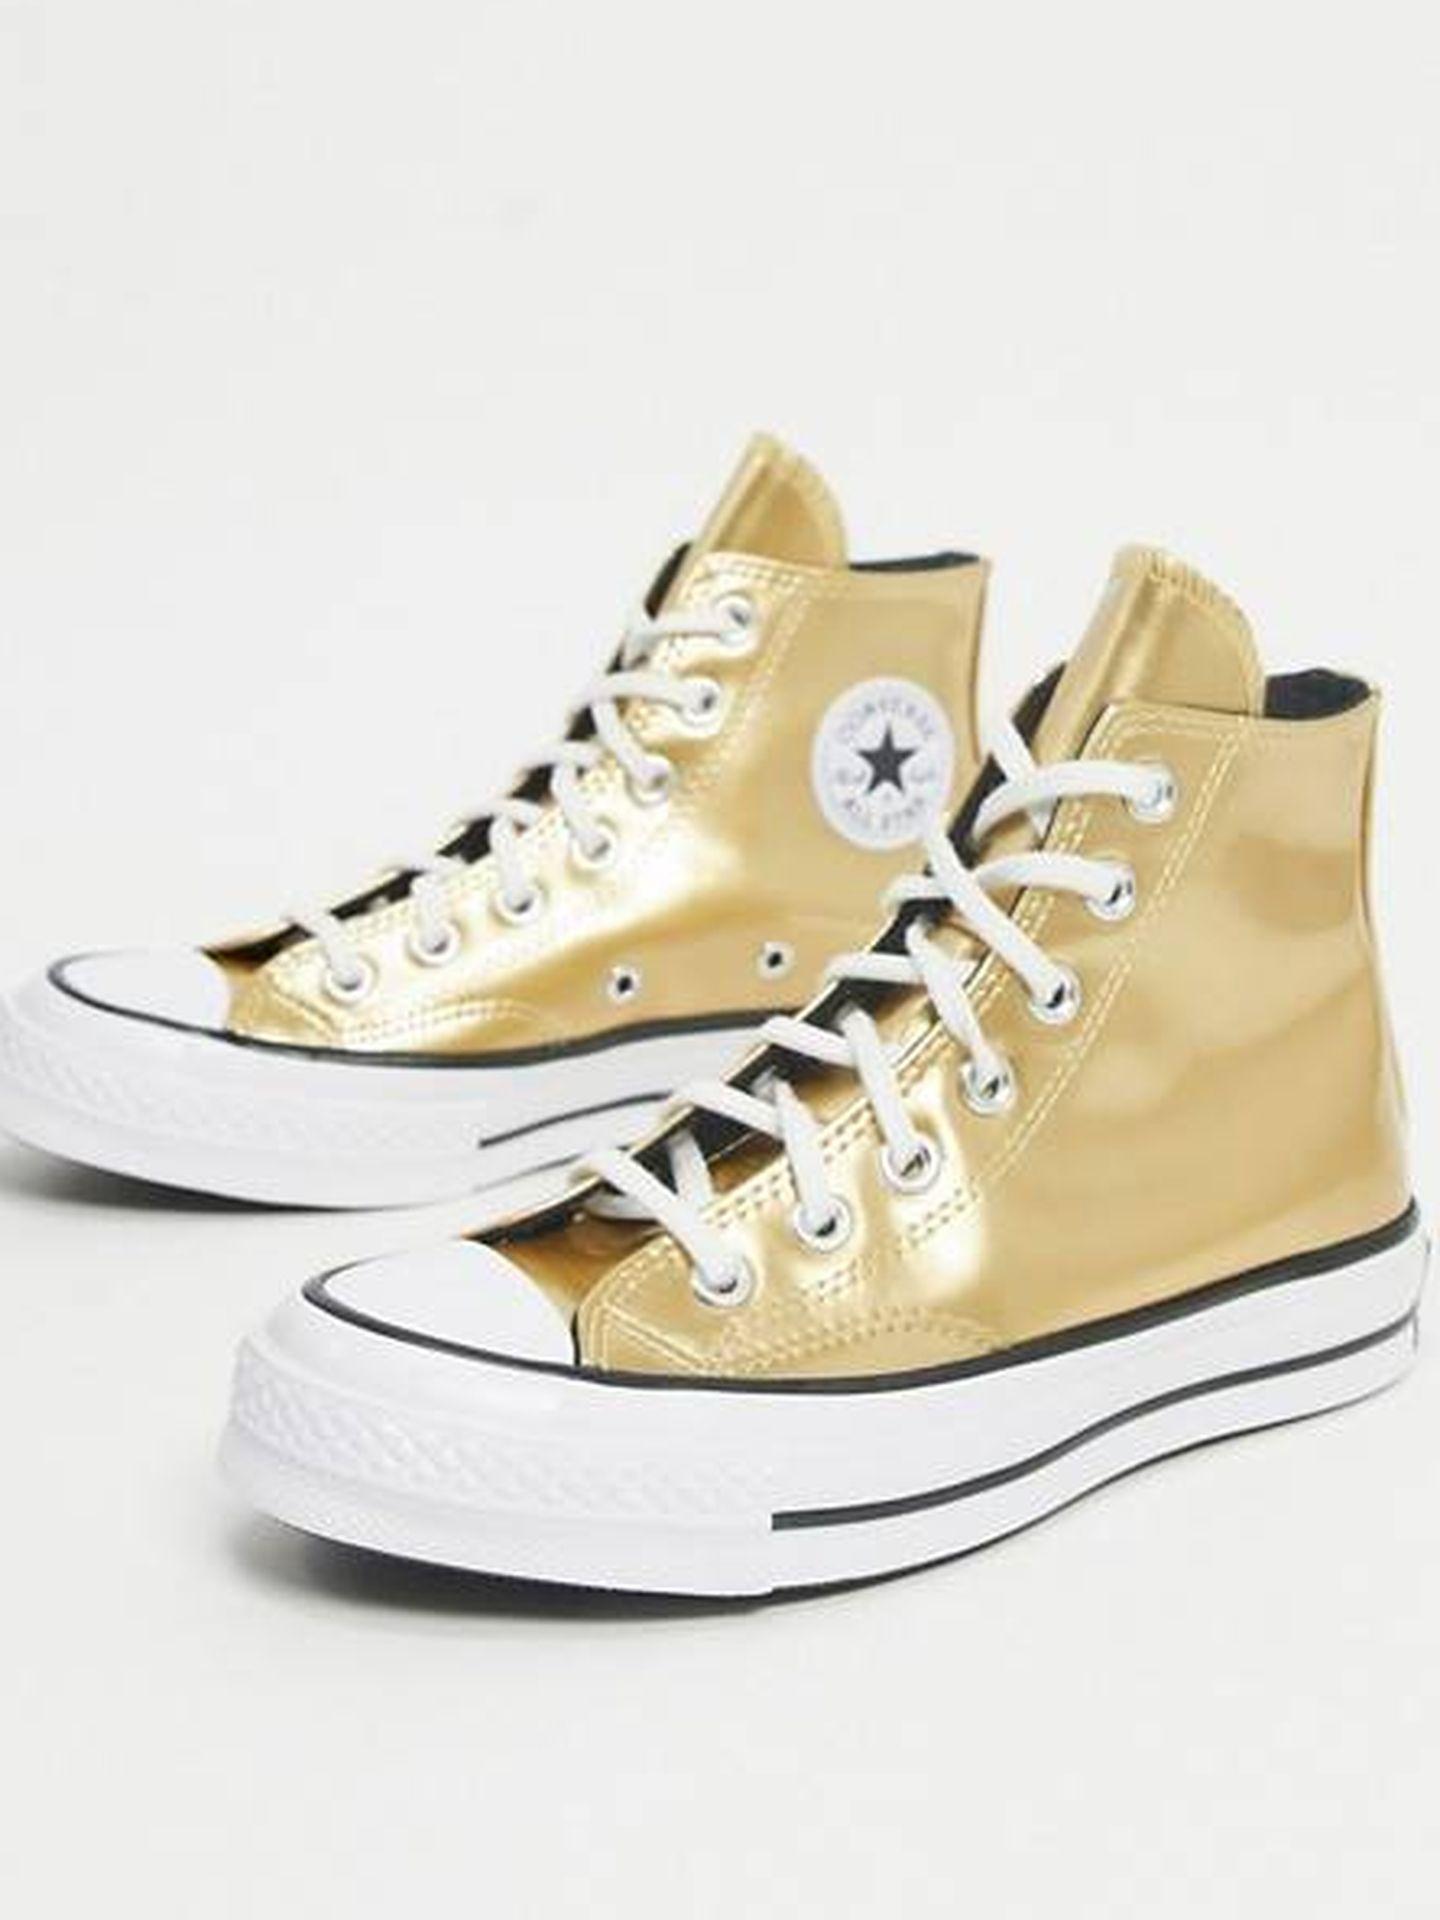 Las zapatillas de Converse. (Cortesía)